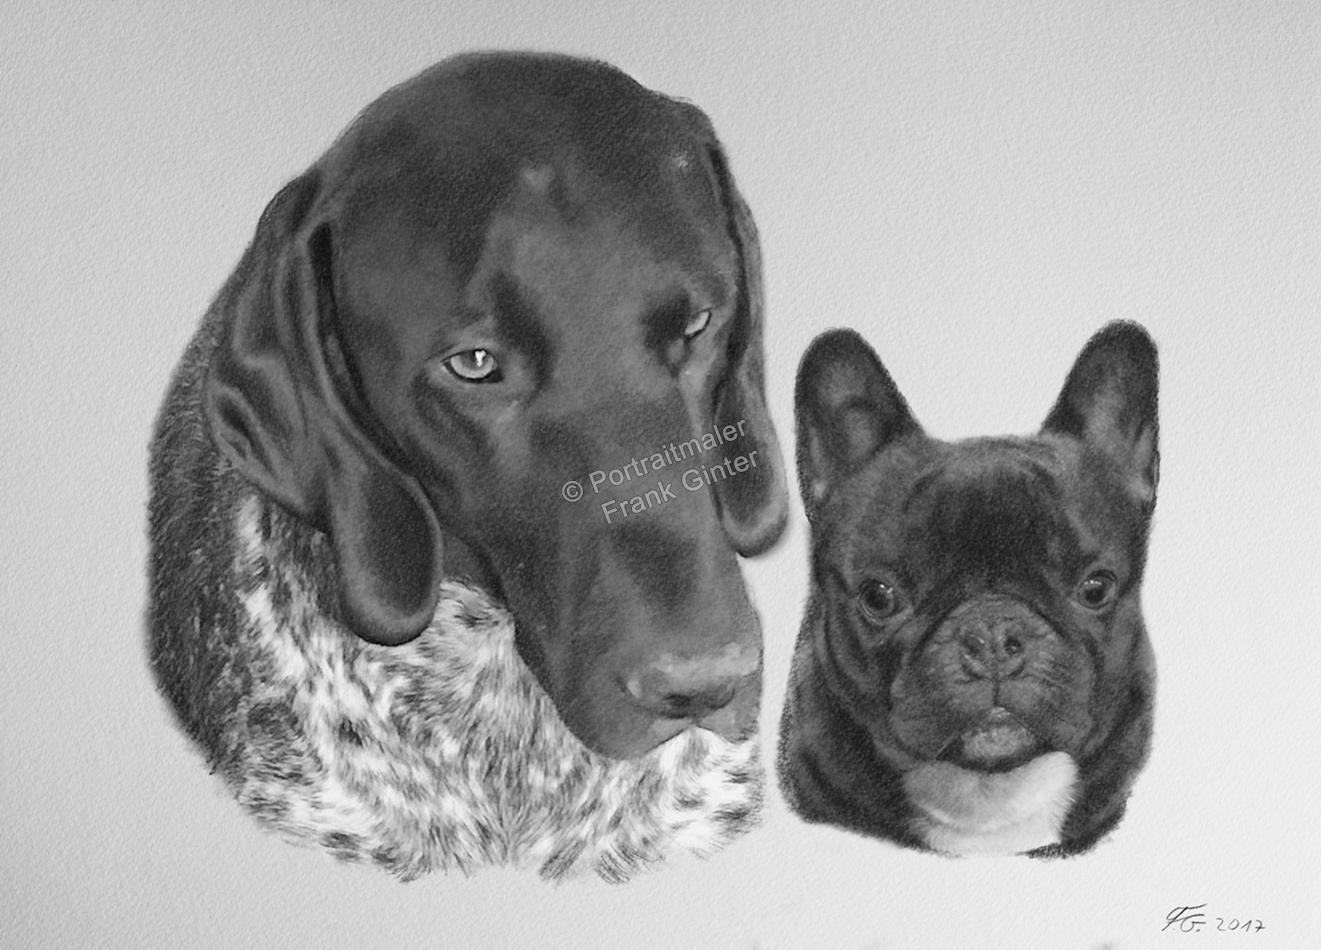 Bleistiftzeichnung von Hunden, Tierzeichnungen, Bleistiftzeichnungen, Tierportraits, Hundeportraits